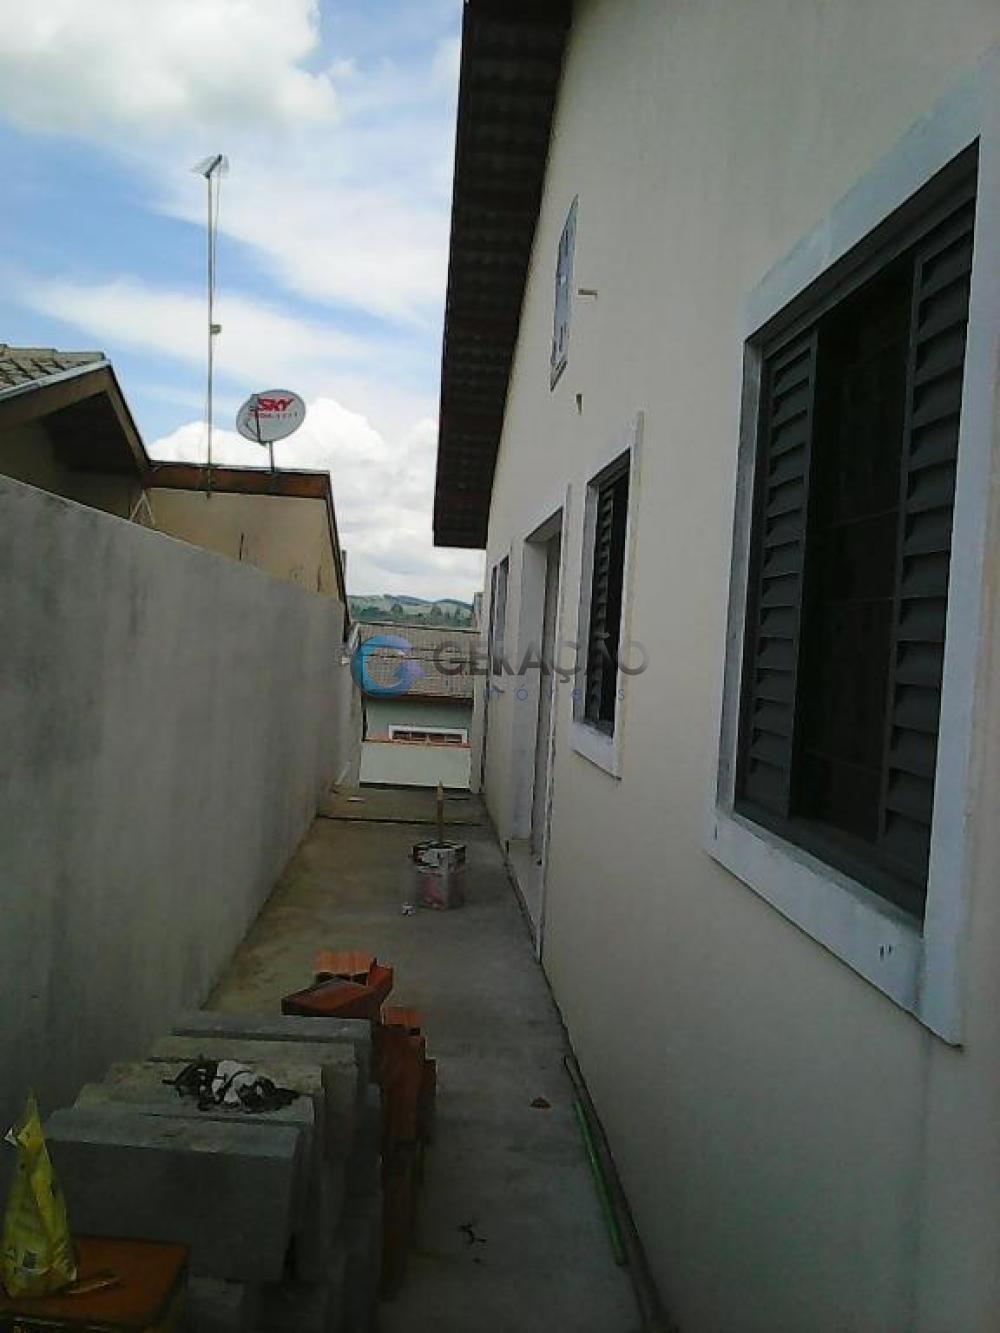 Comprar Casa / Padrão em São José dos Campos R$ 255.000,00 - Foto 13